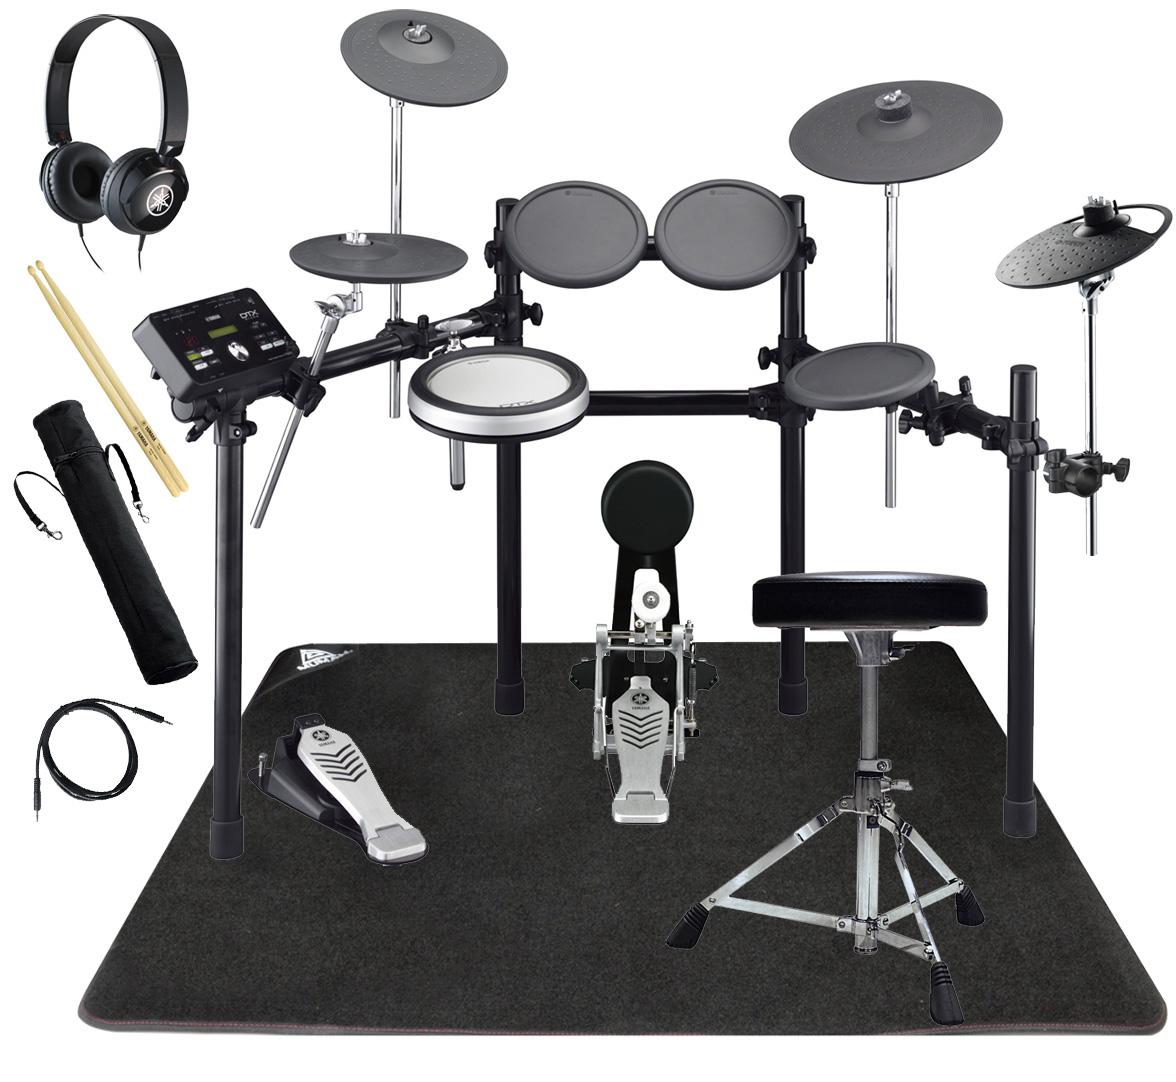 YAMAHA 電子ドラム DTX522KFS 3シンバル ドラムマットと純正ヘッドホン・スティックセット【YRK】